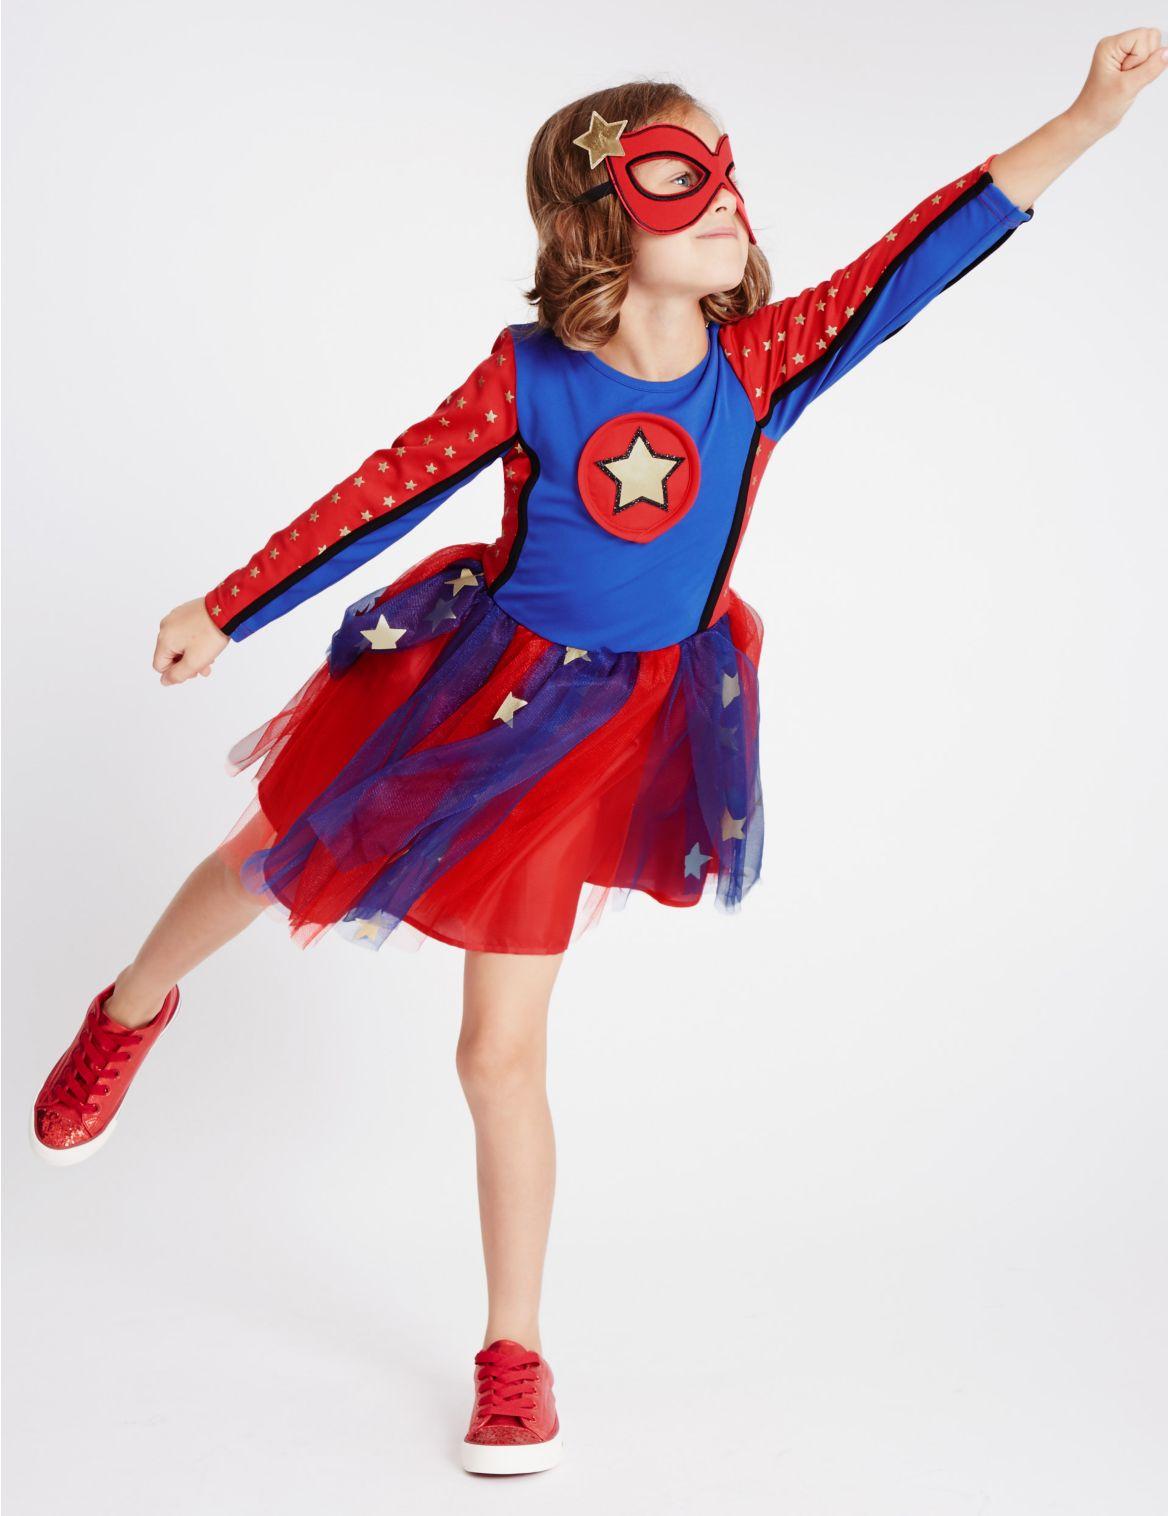 Super Girljurkje voor kinderen